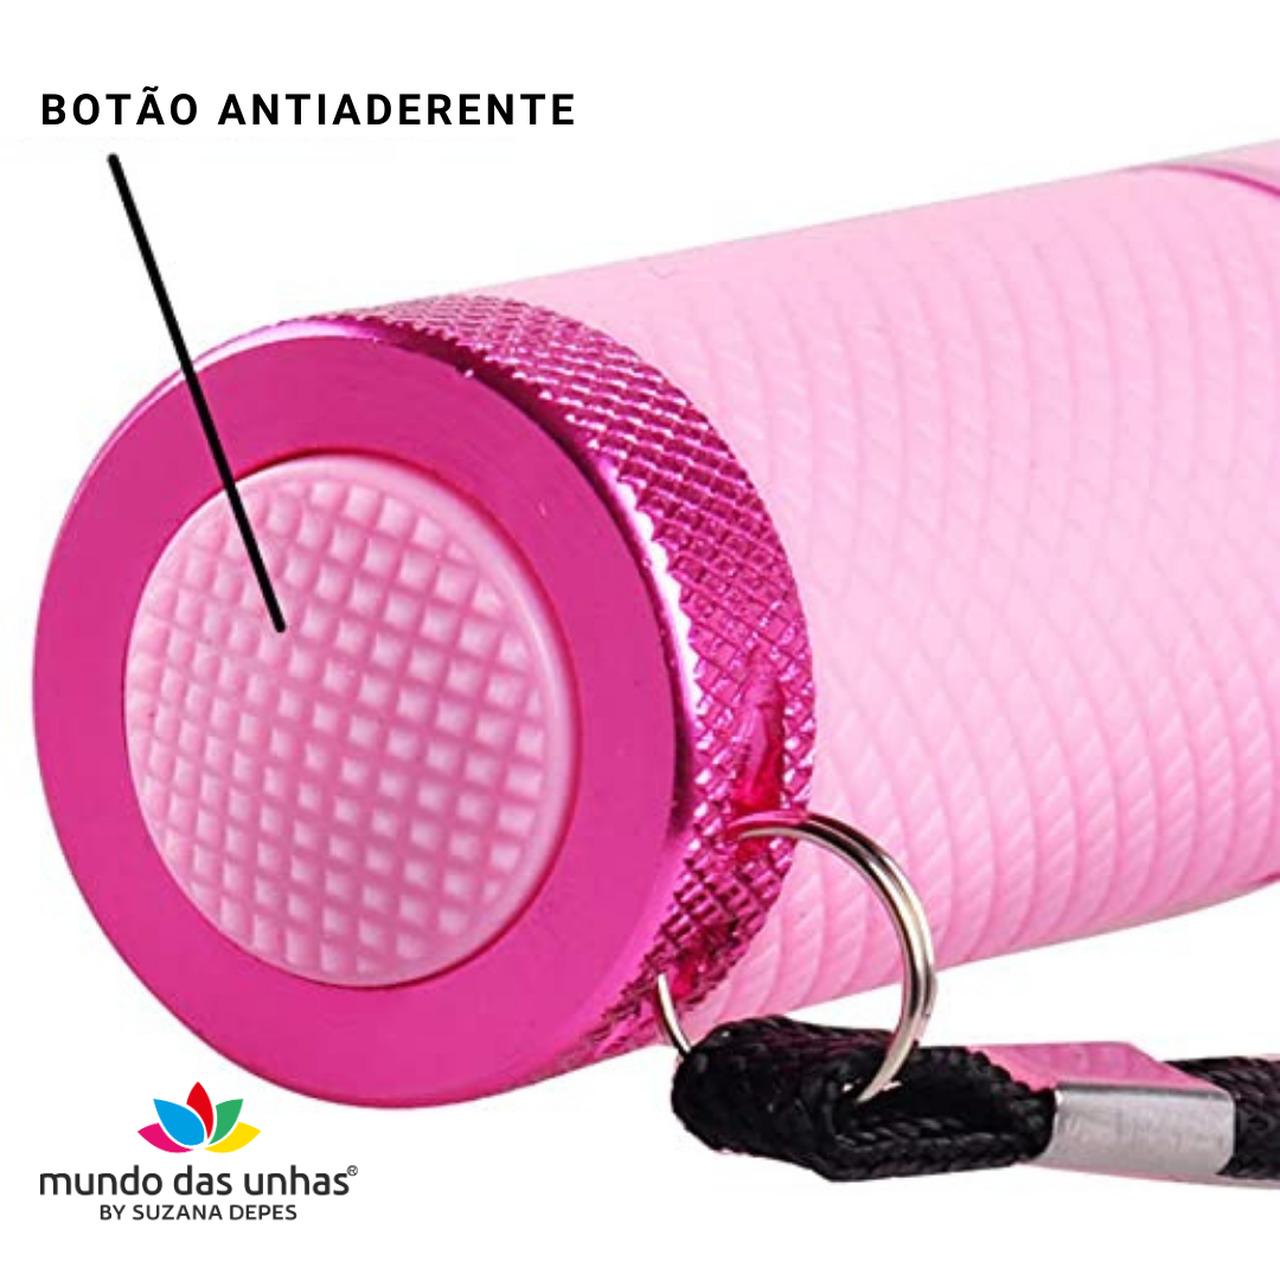 Lanterna de LED para secagem de unhas - AZUL